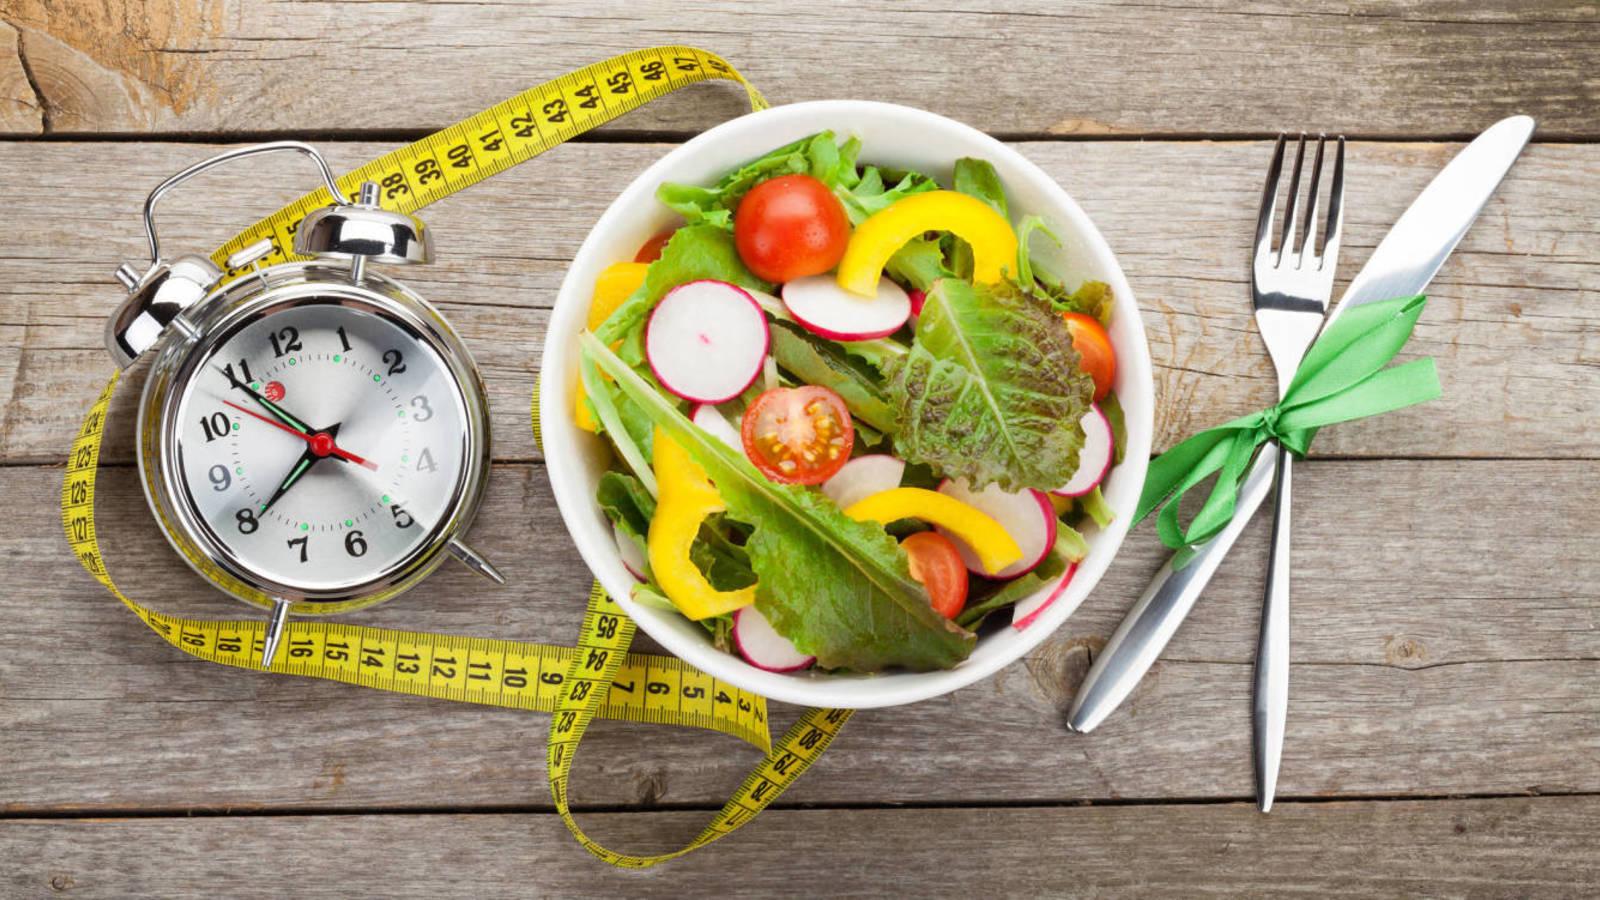 نظام الصيام المتقطع لخسارة الوزن